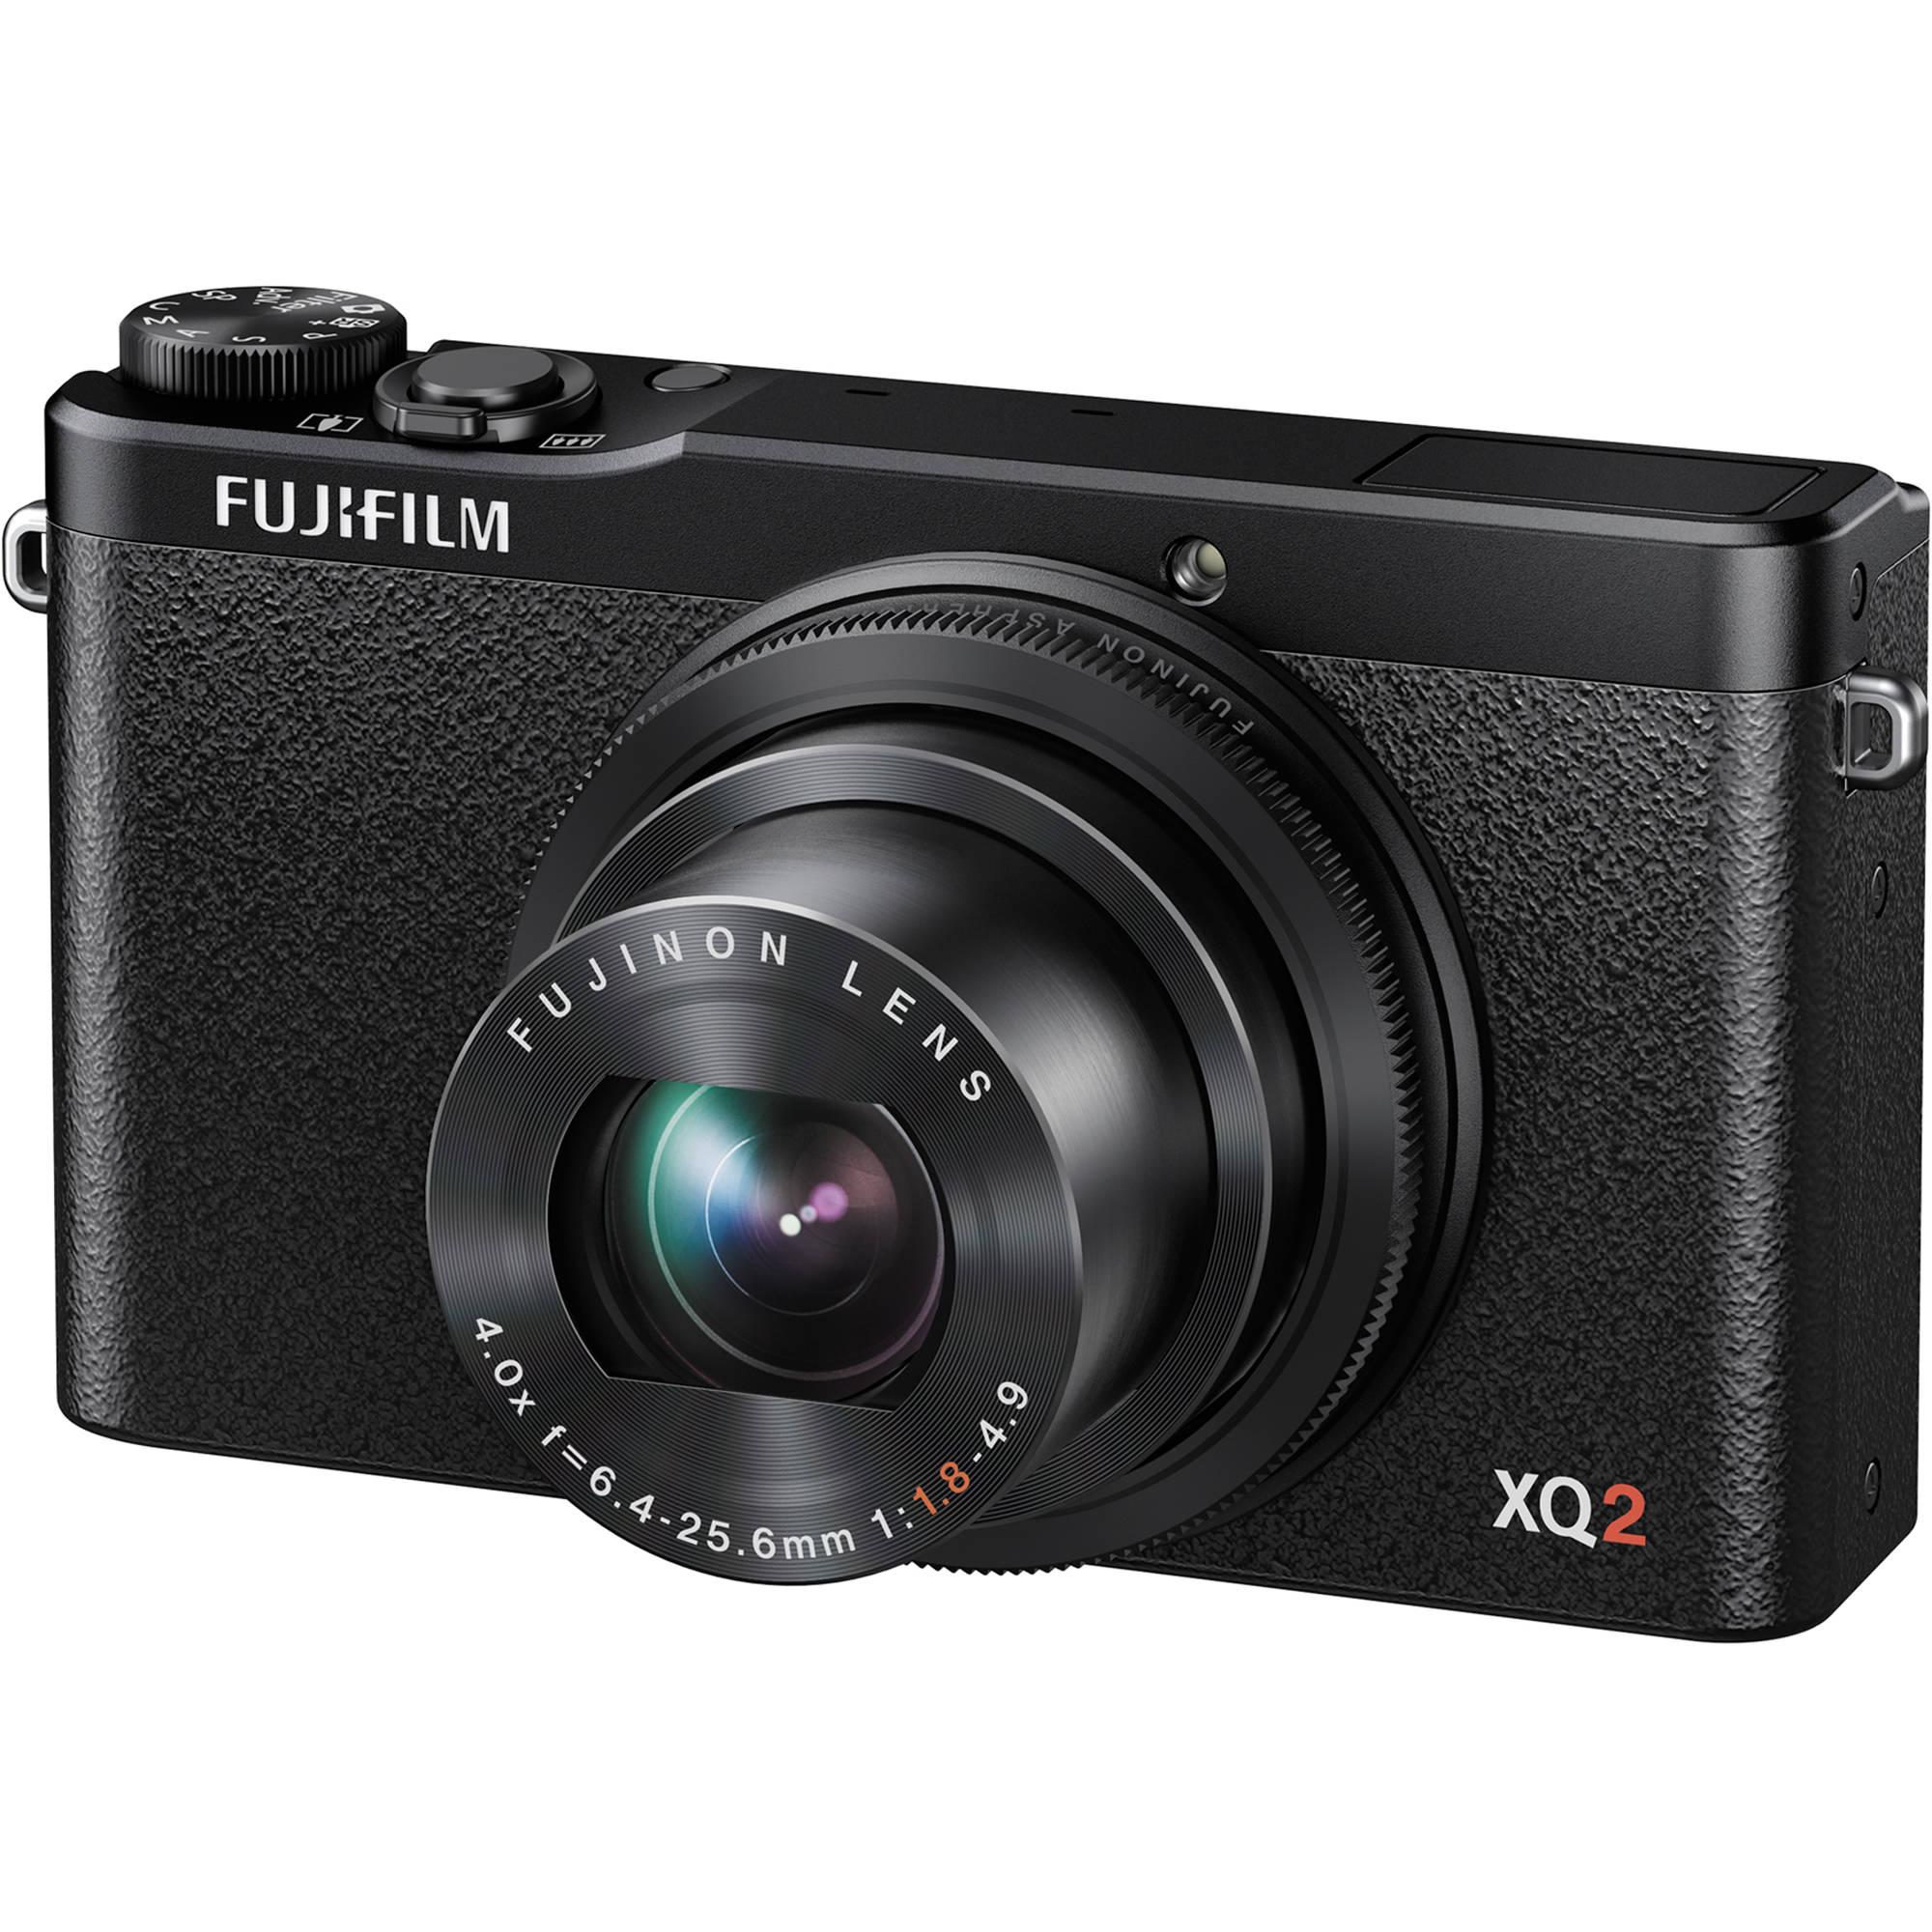 Fujifilm XQ2 Camera